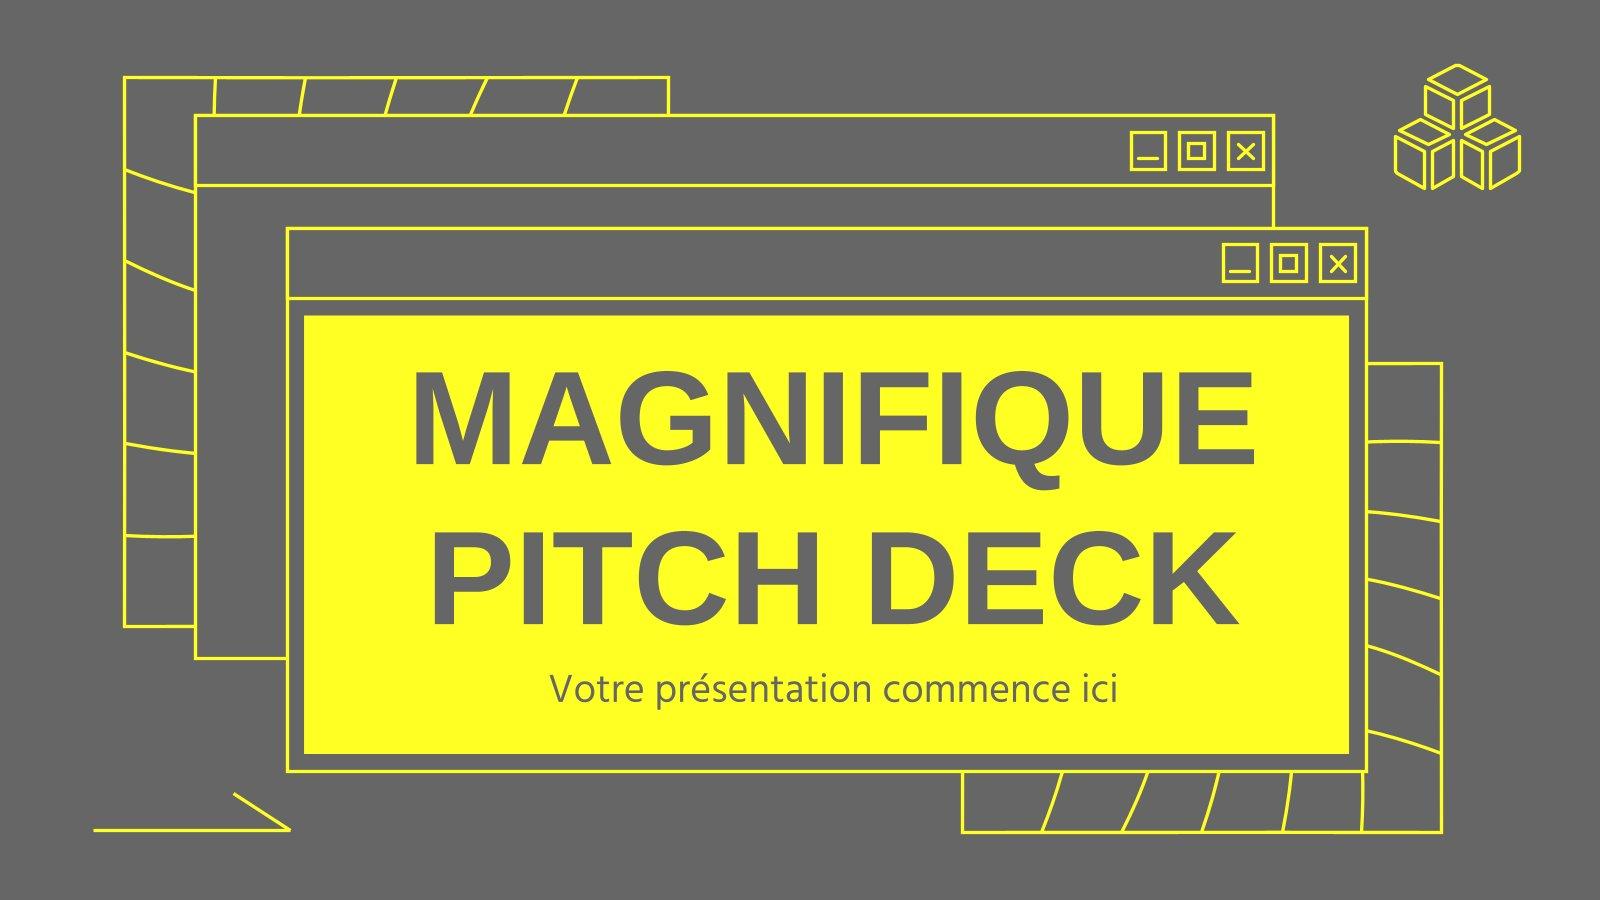 Magnifique Pitch Deck presentation template